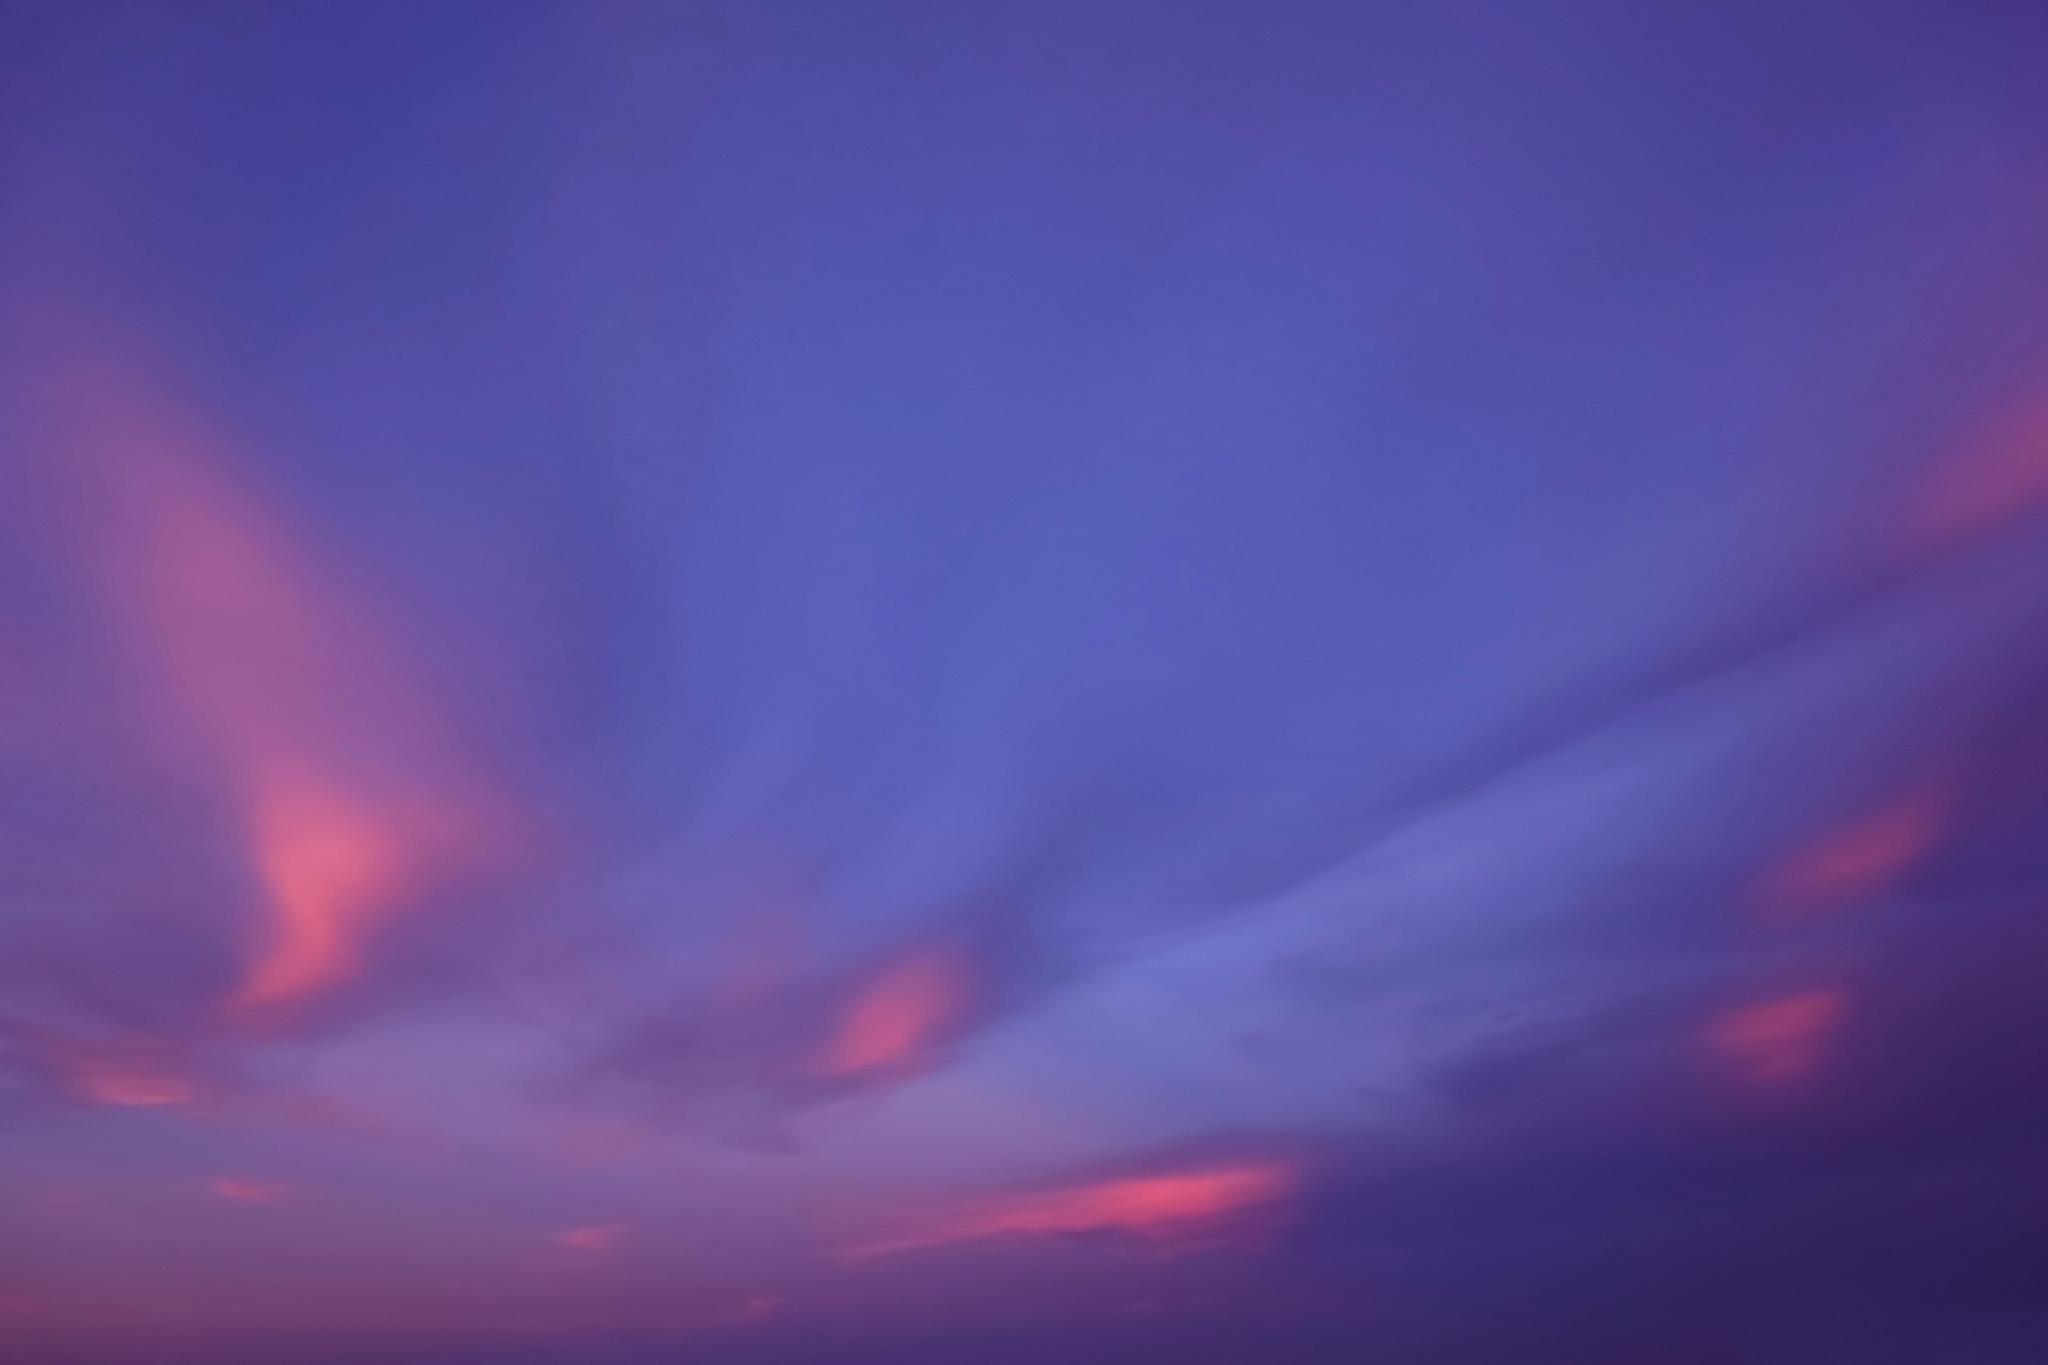 「桔梗色の夕焼け空と桃色の雲」